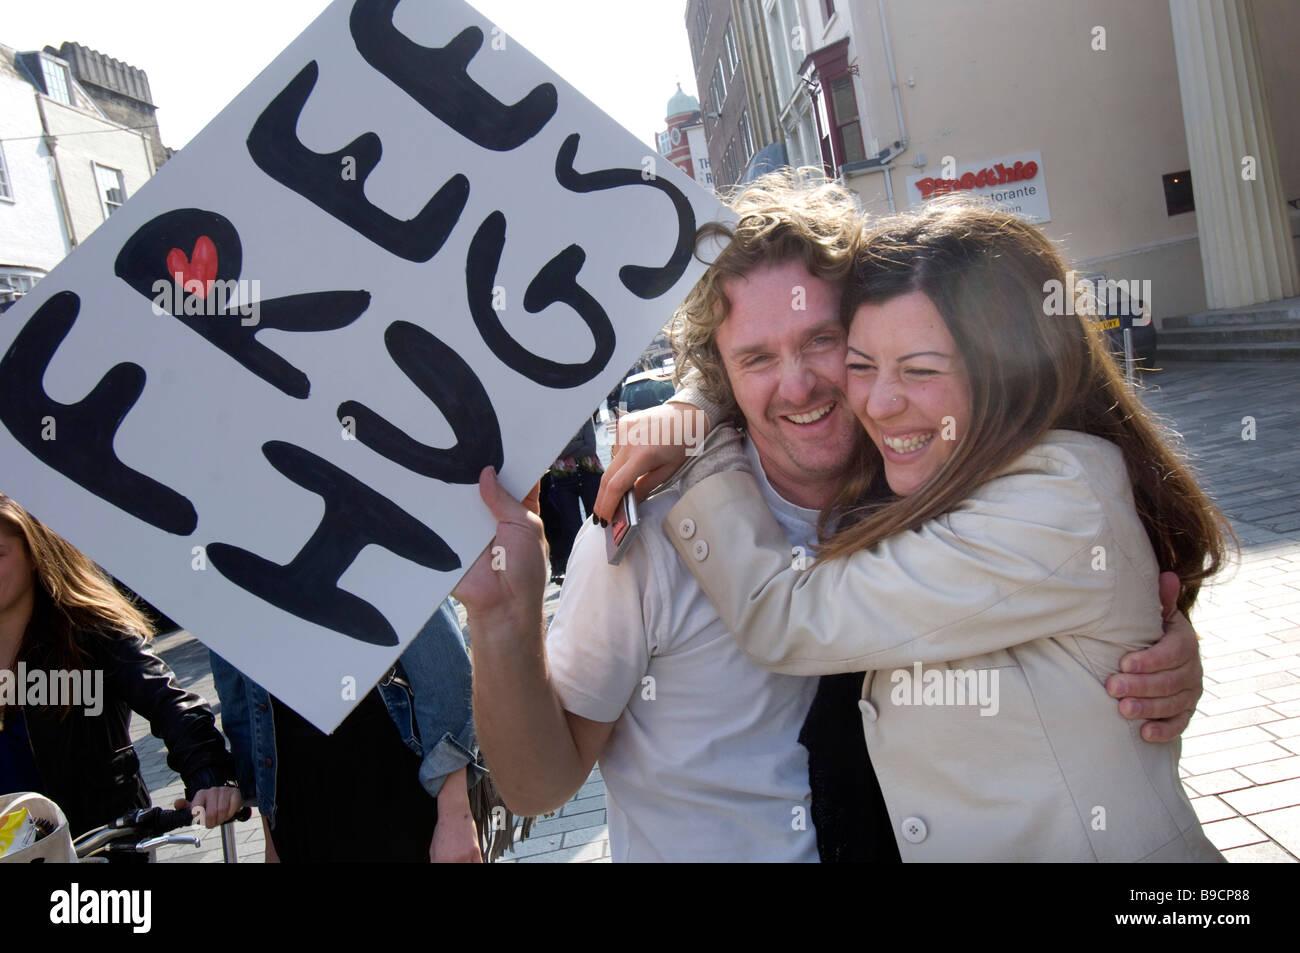 Una joven pareja dan mutuamente un abrazo spontanious en el centro de Brighton Imagen De Stock